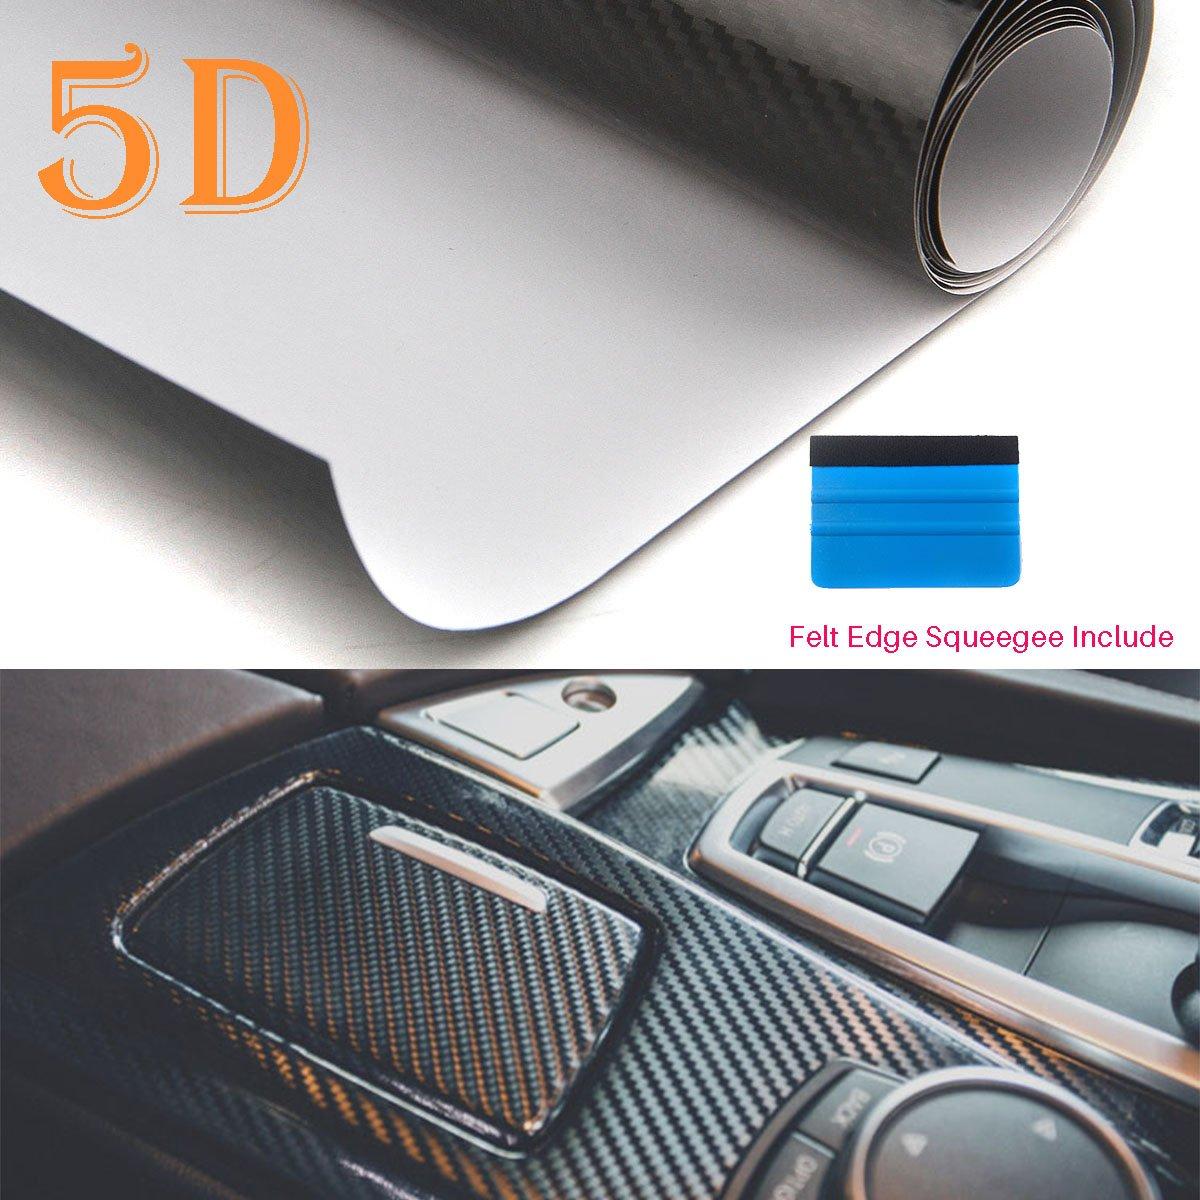 Rouleau de film de covering Peatop en vinyle en fibre de carbone 5D trè s brillant et texturé , sans bulles d'air sans bulles d' air CAIKU